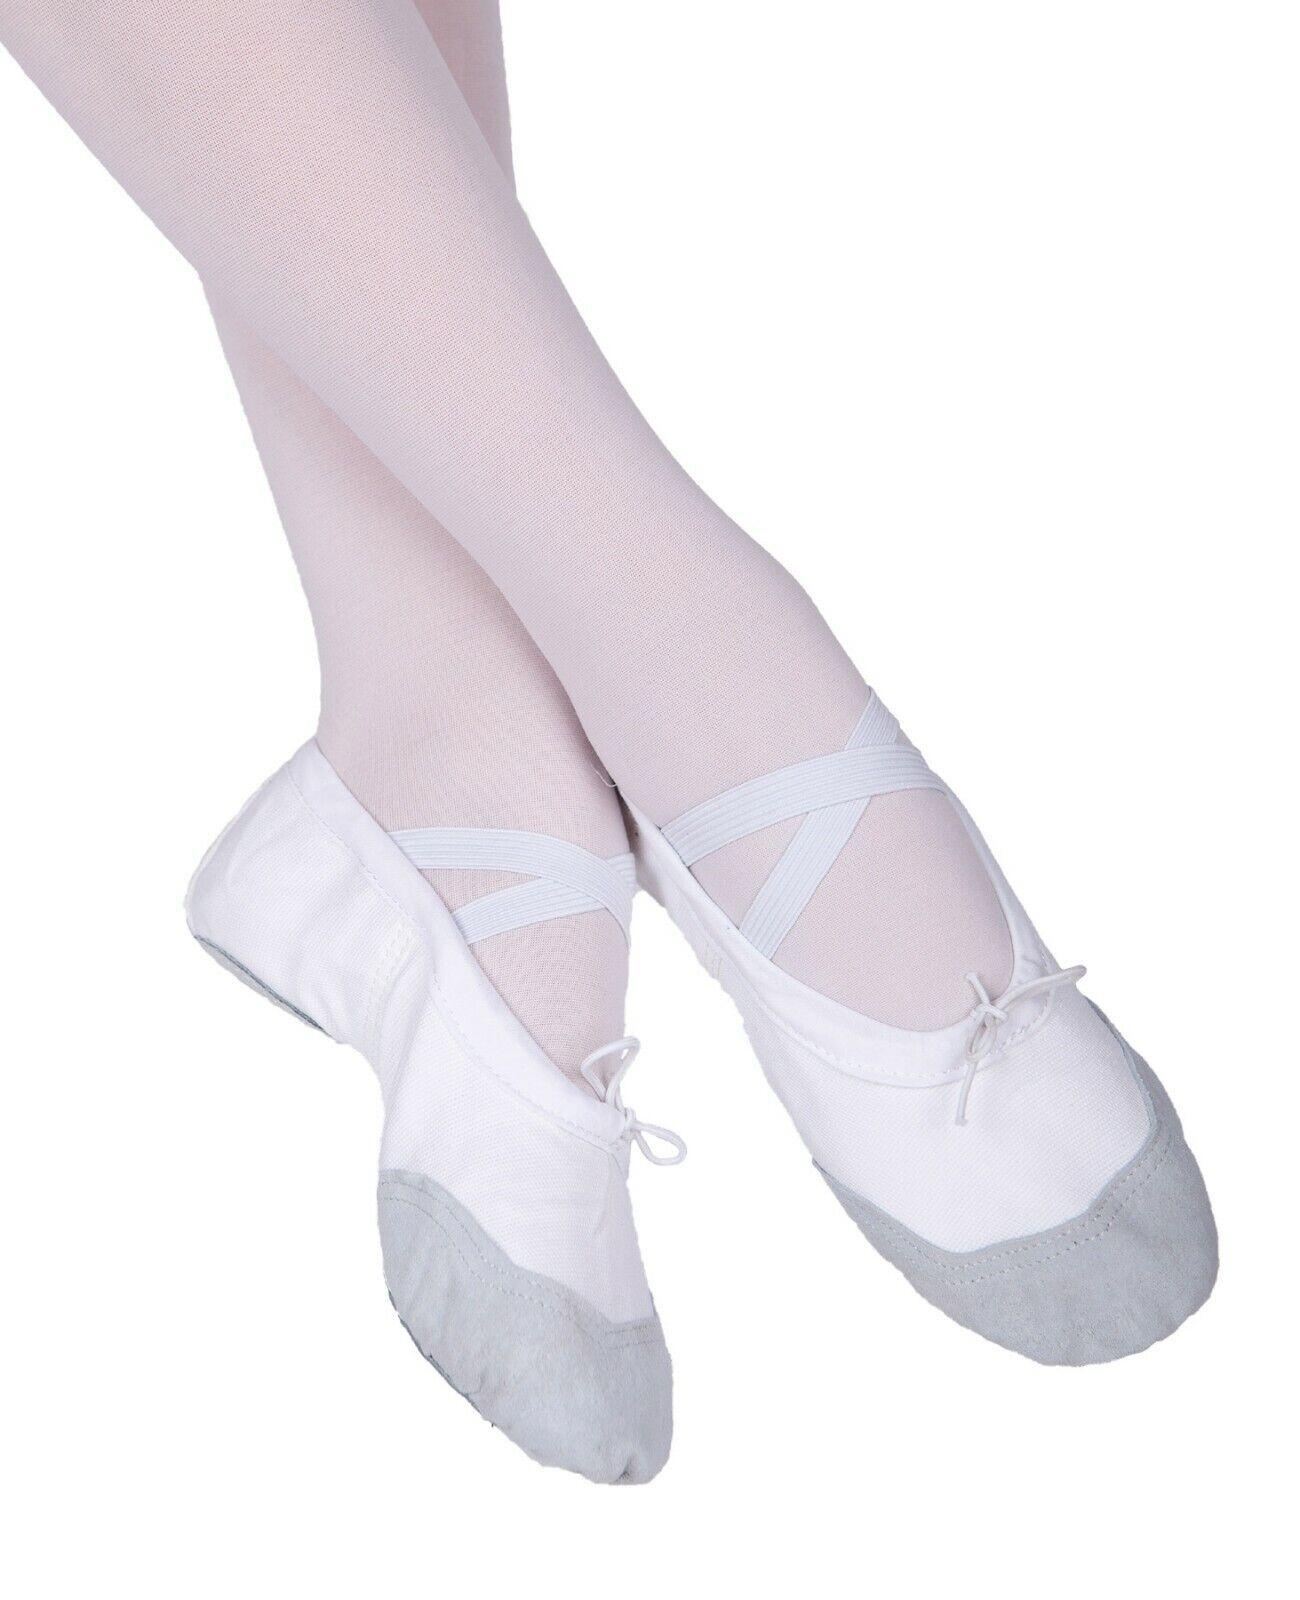 Ballettschuhe WEIß Ballettschläppchen Tanzschuche NEU Ballet Schuhe Tanzen